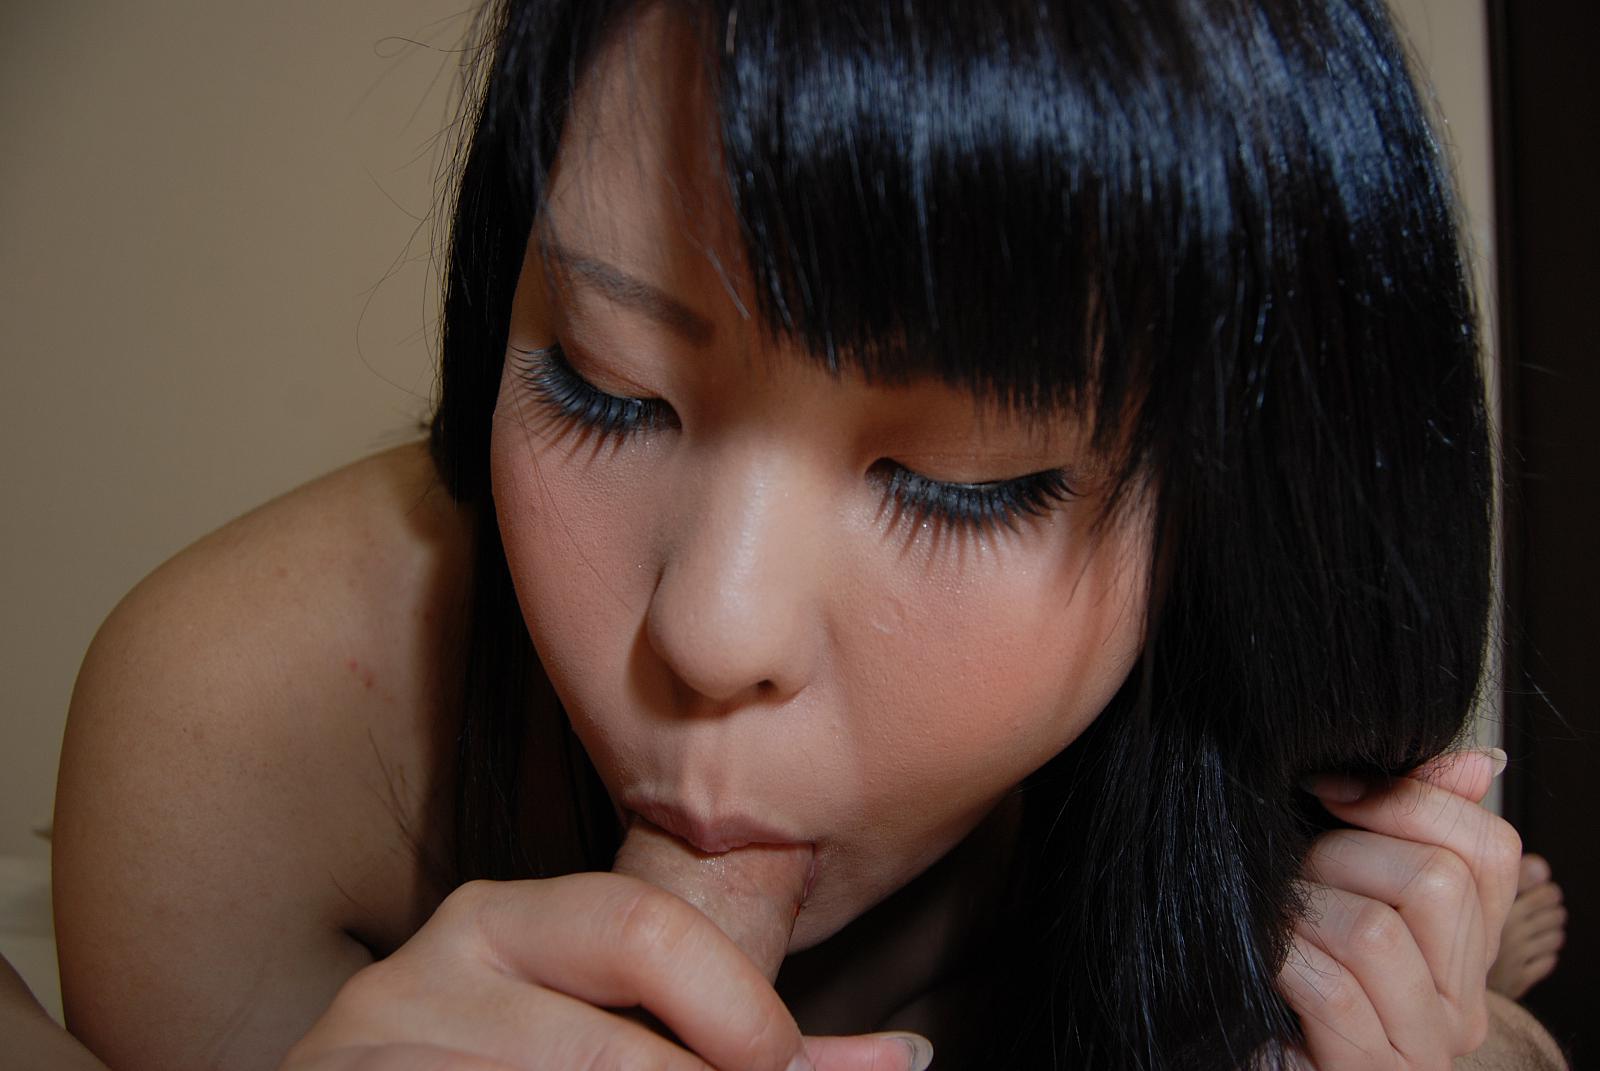 Japonesa caliente xxx quiere follar al vecino